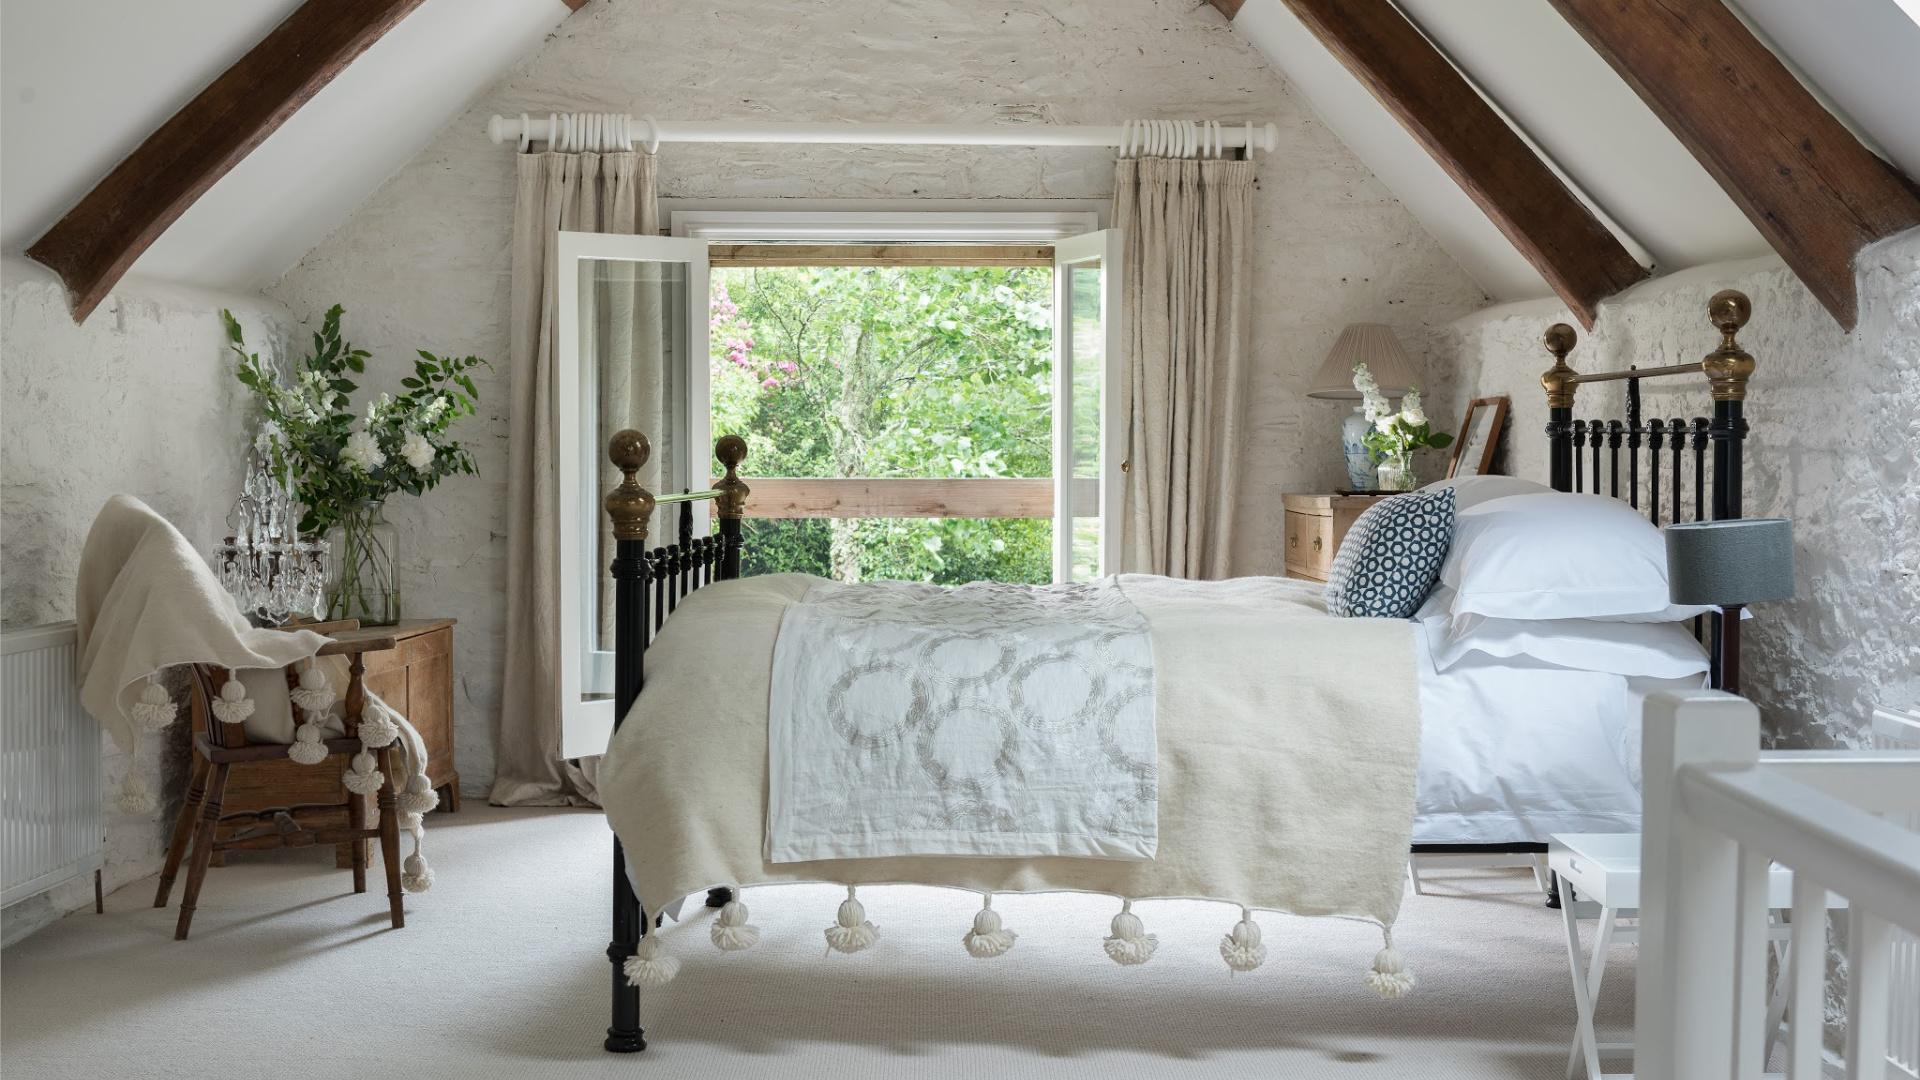 Unique places to stay - Unique Home Stays - Ellesmera Mill - Humphrey Munson